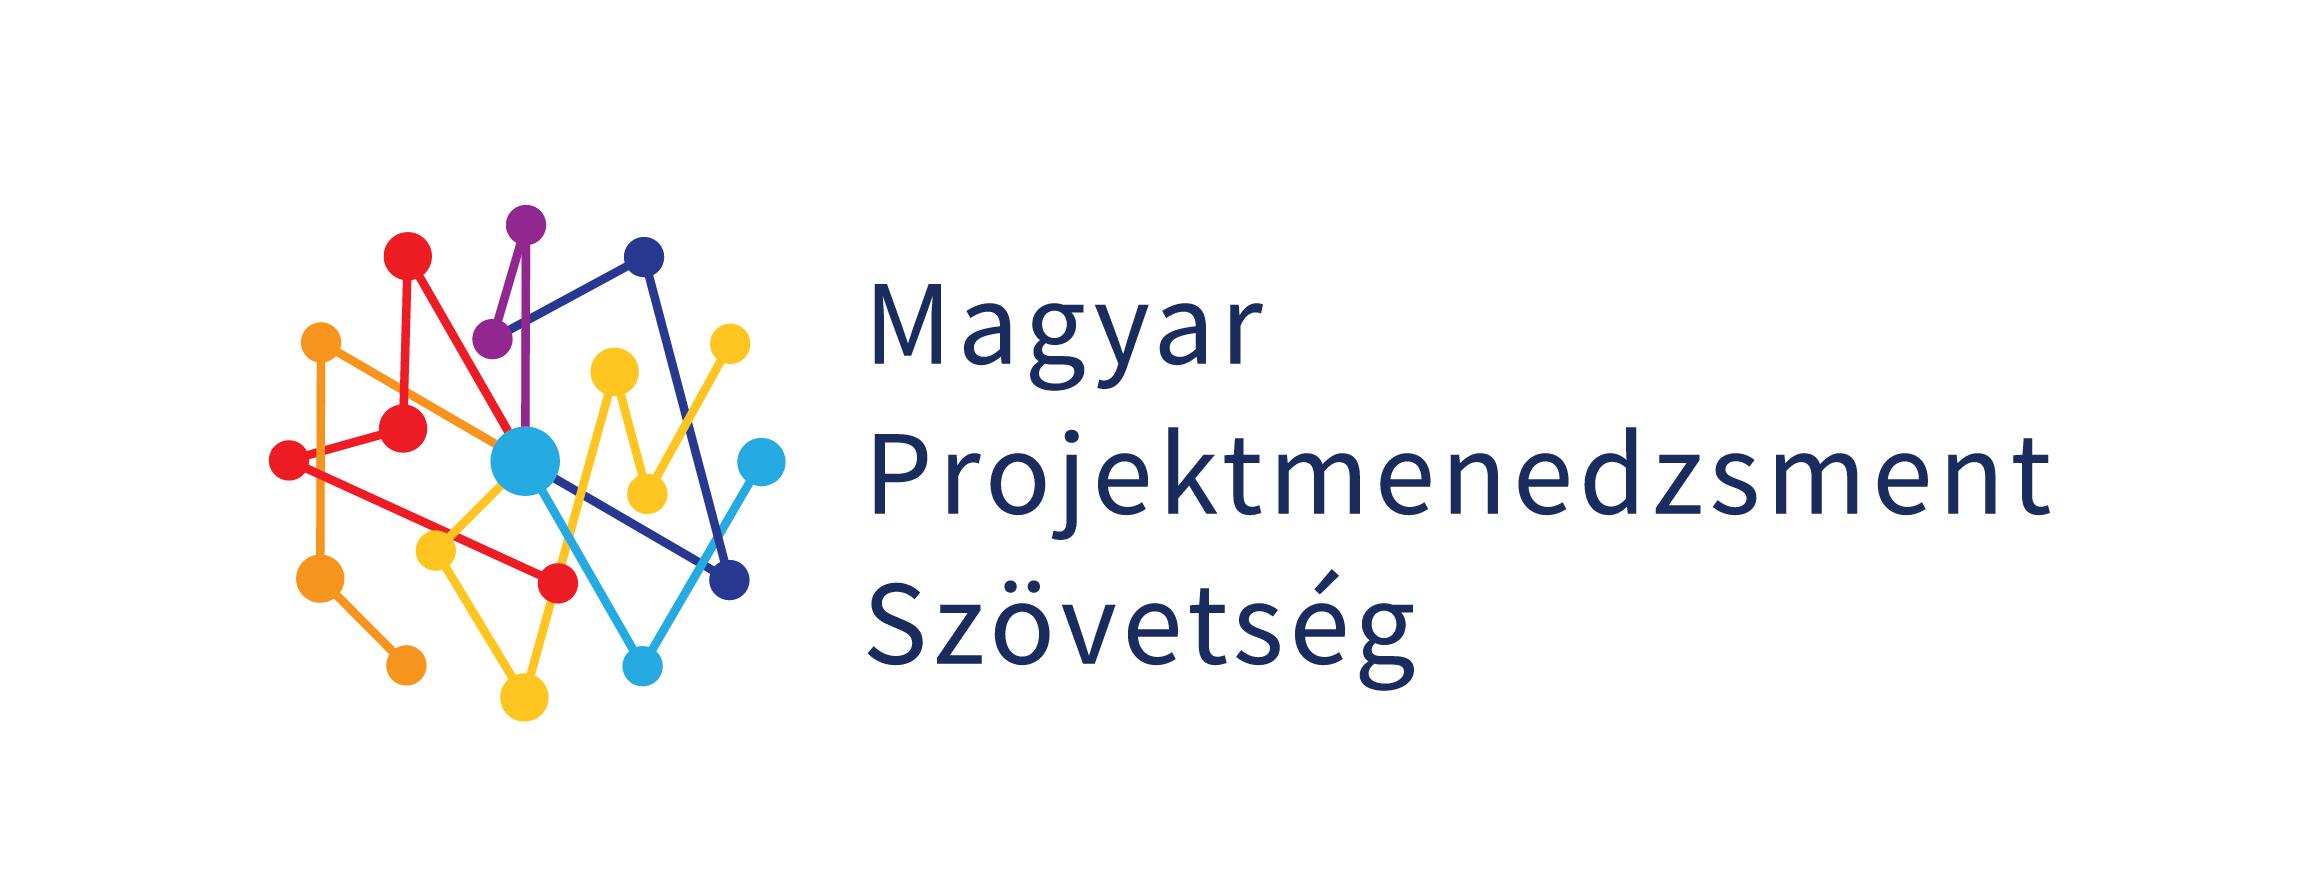 Magyar Projektmenedzsment Szövetség